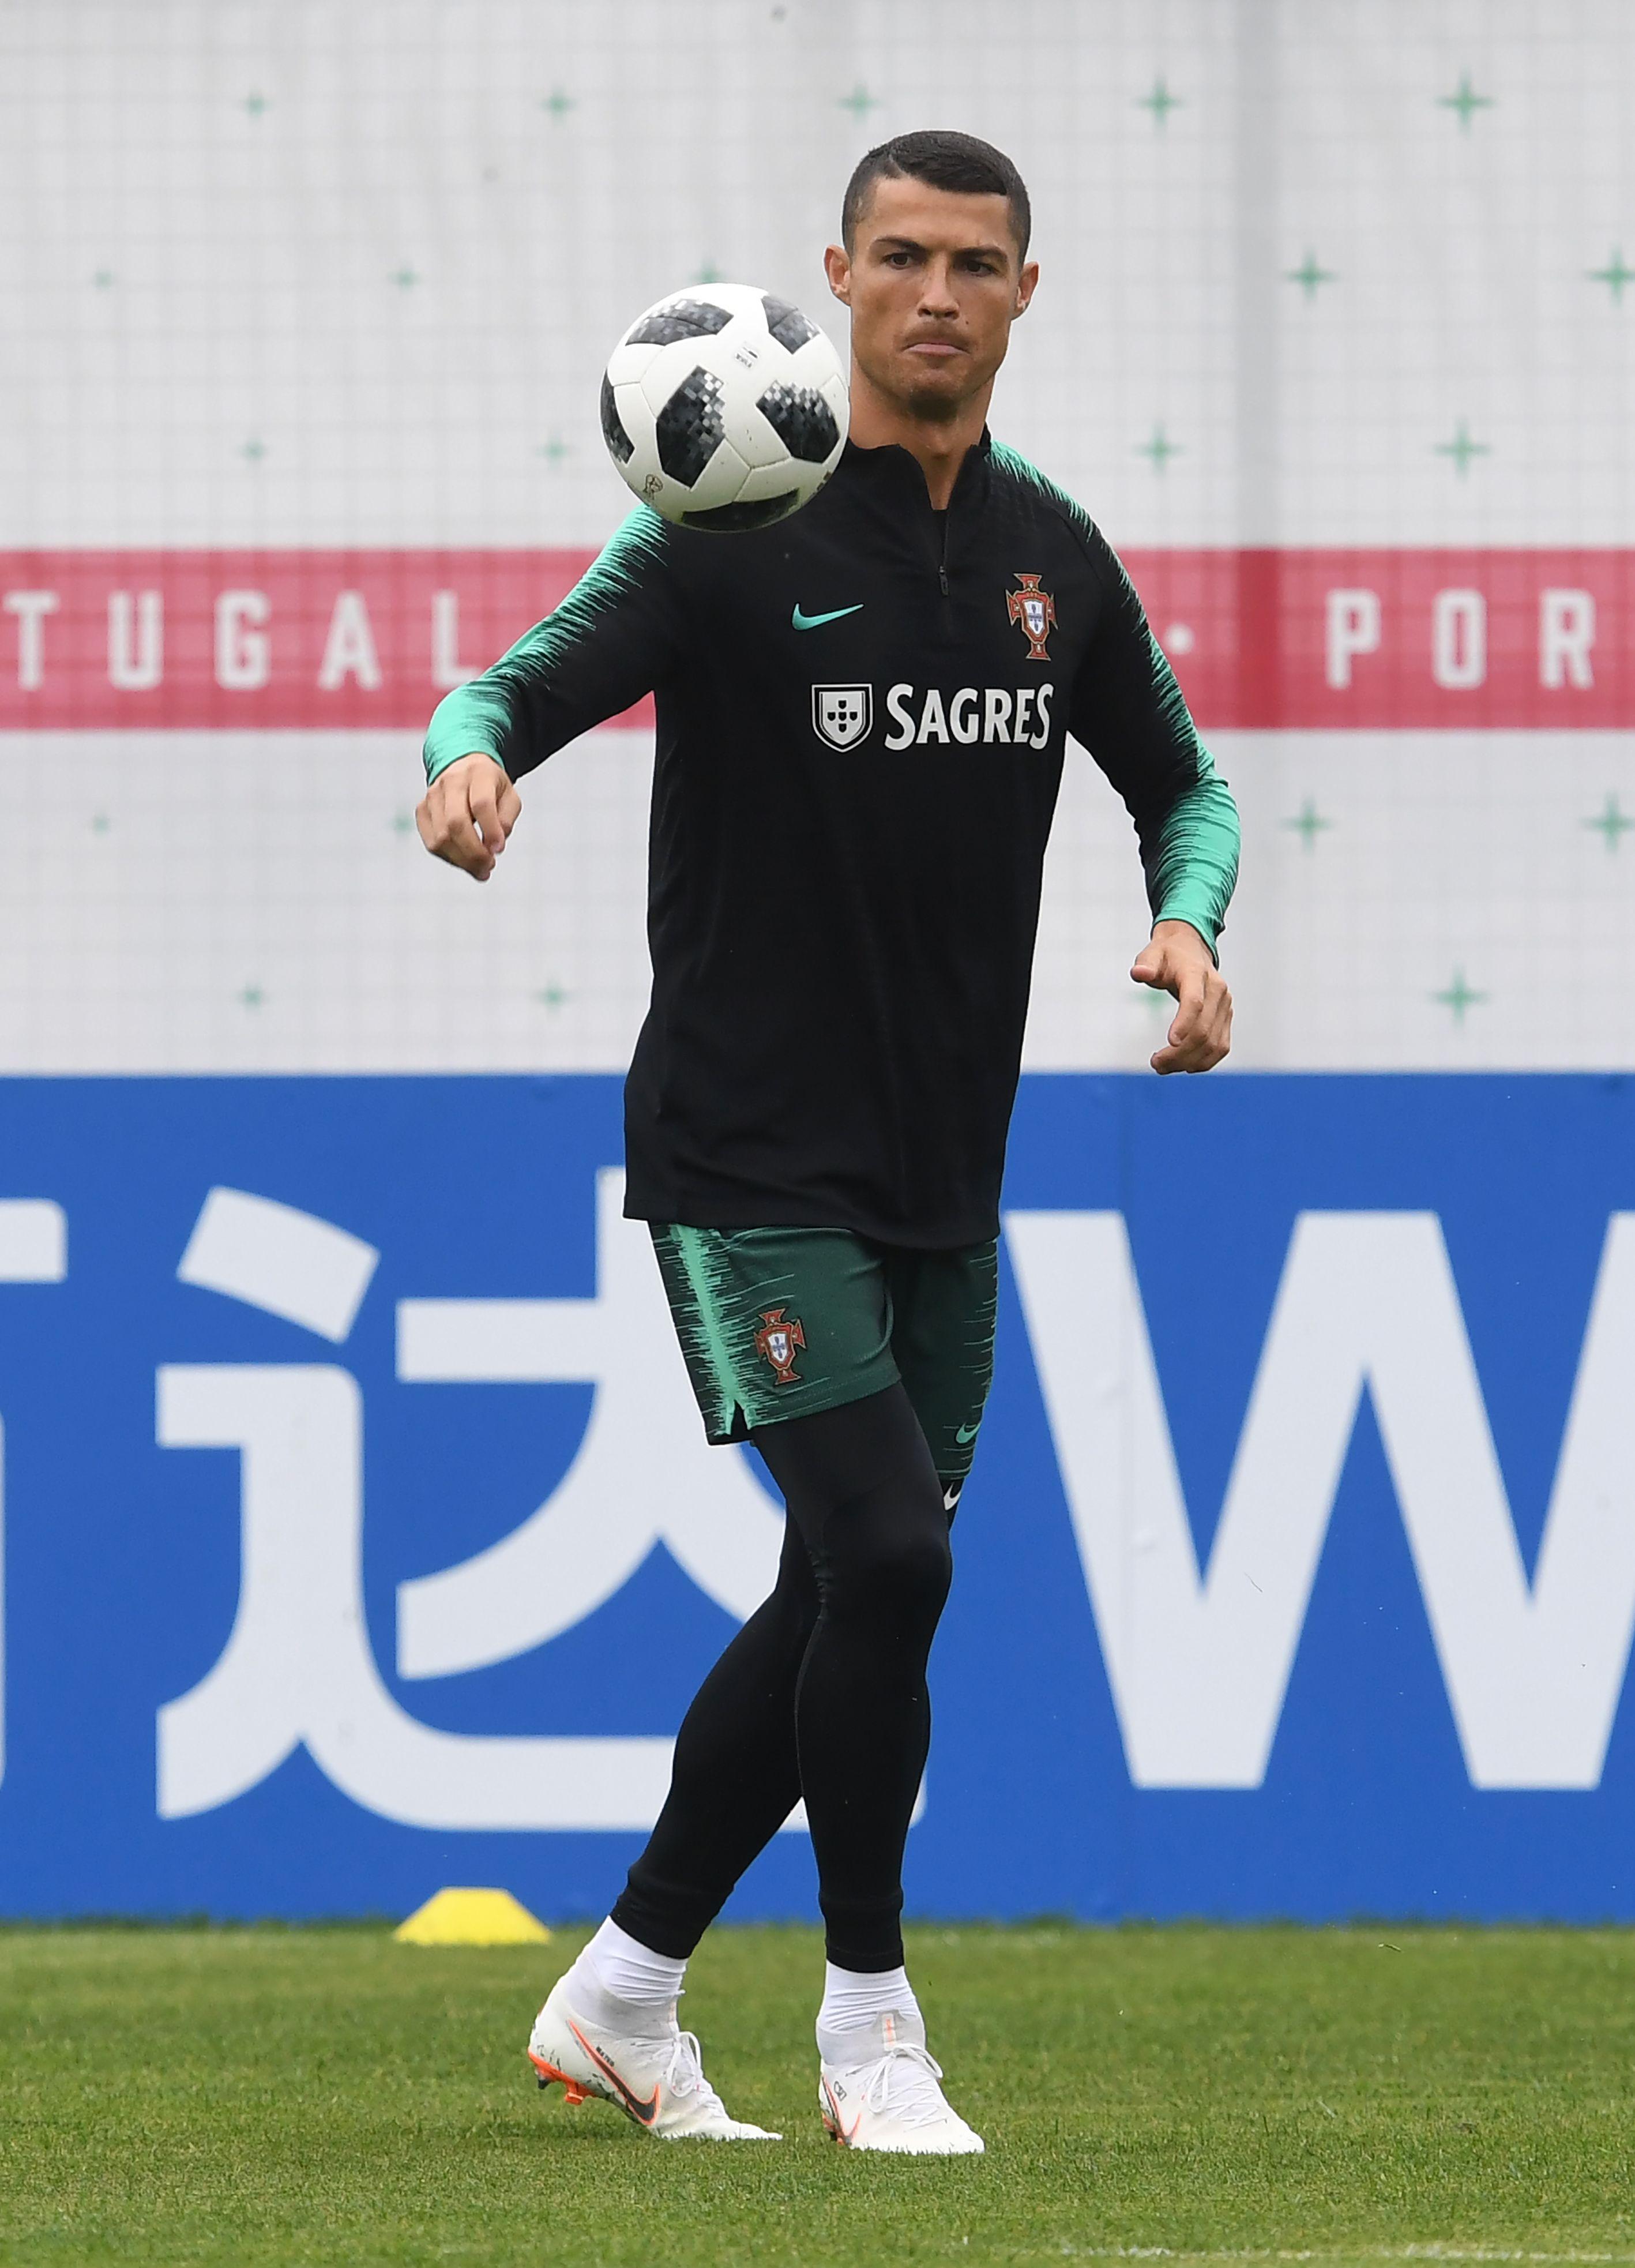 678157-كريستيانو-رونالدو-لاعب-البرتغال